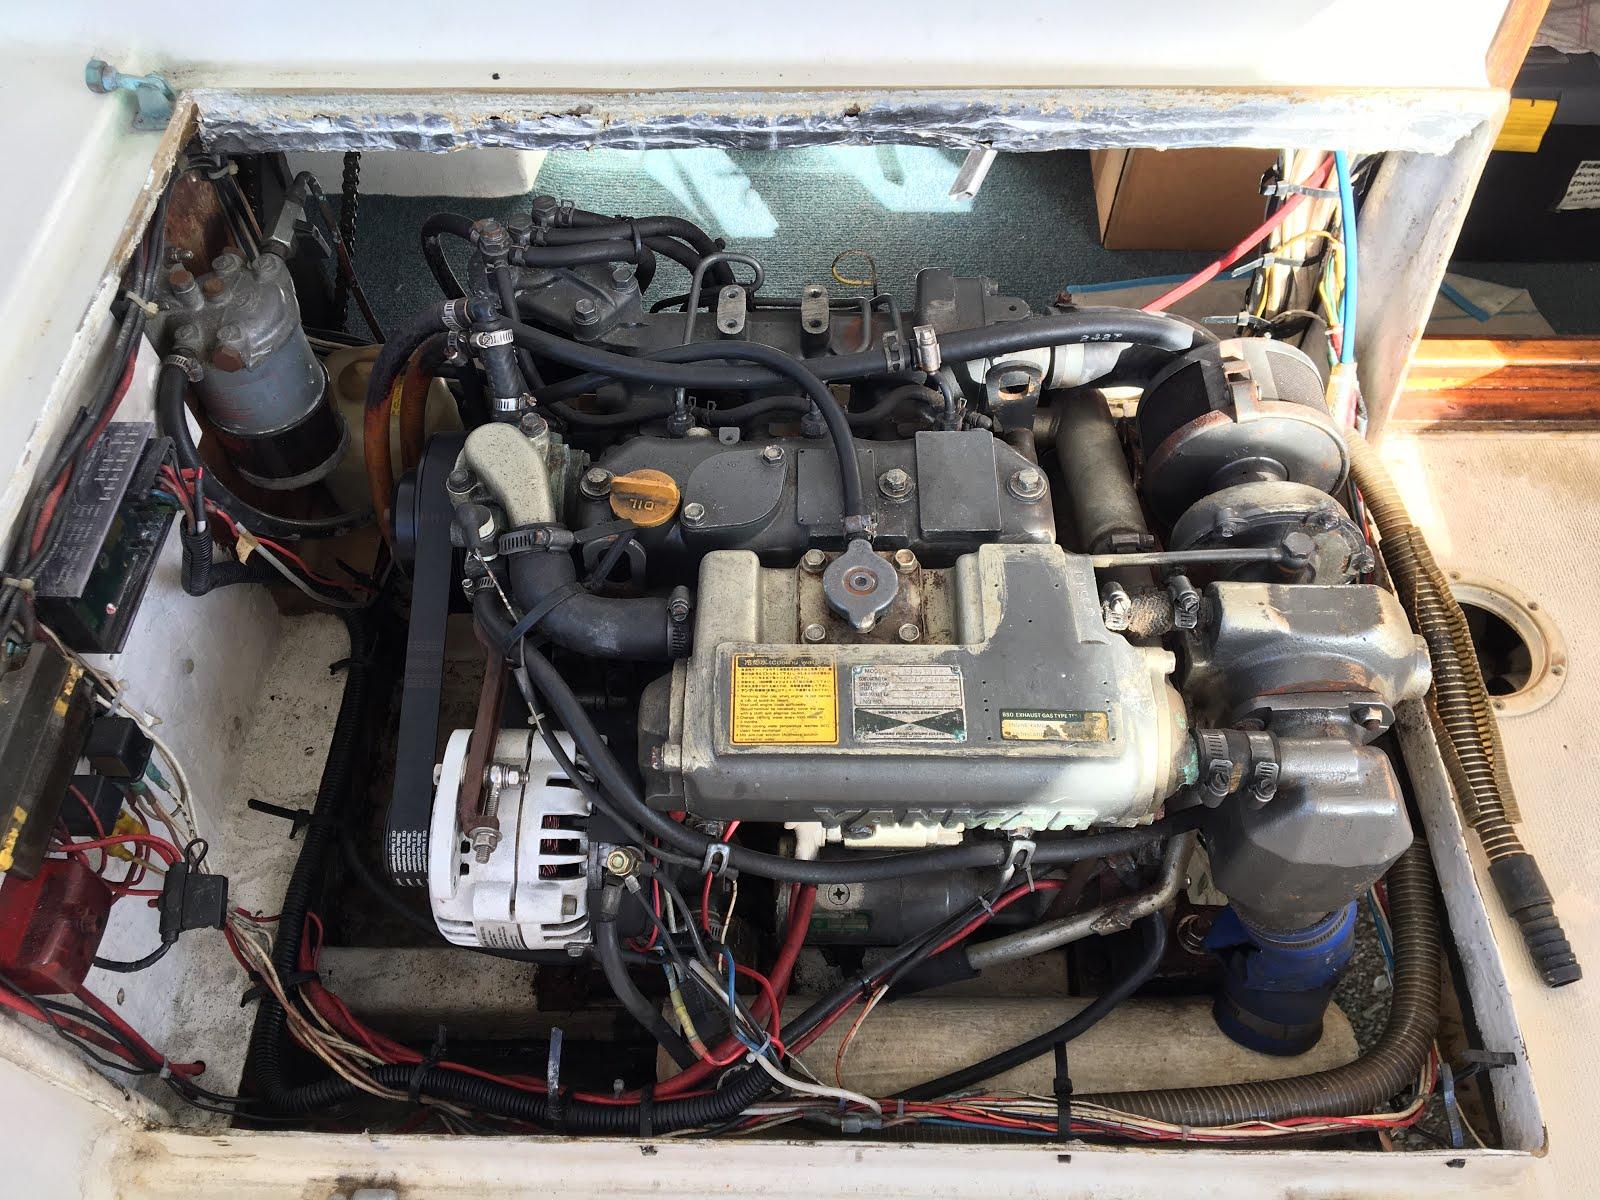 S/Y RAPTOR: Strip, Service & Repaint Our Yanmar Diesel Engine